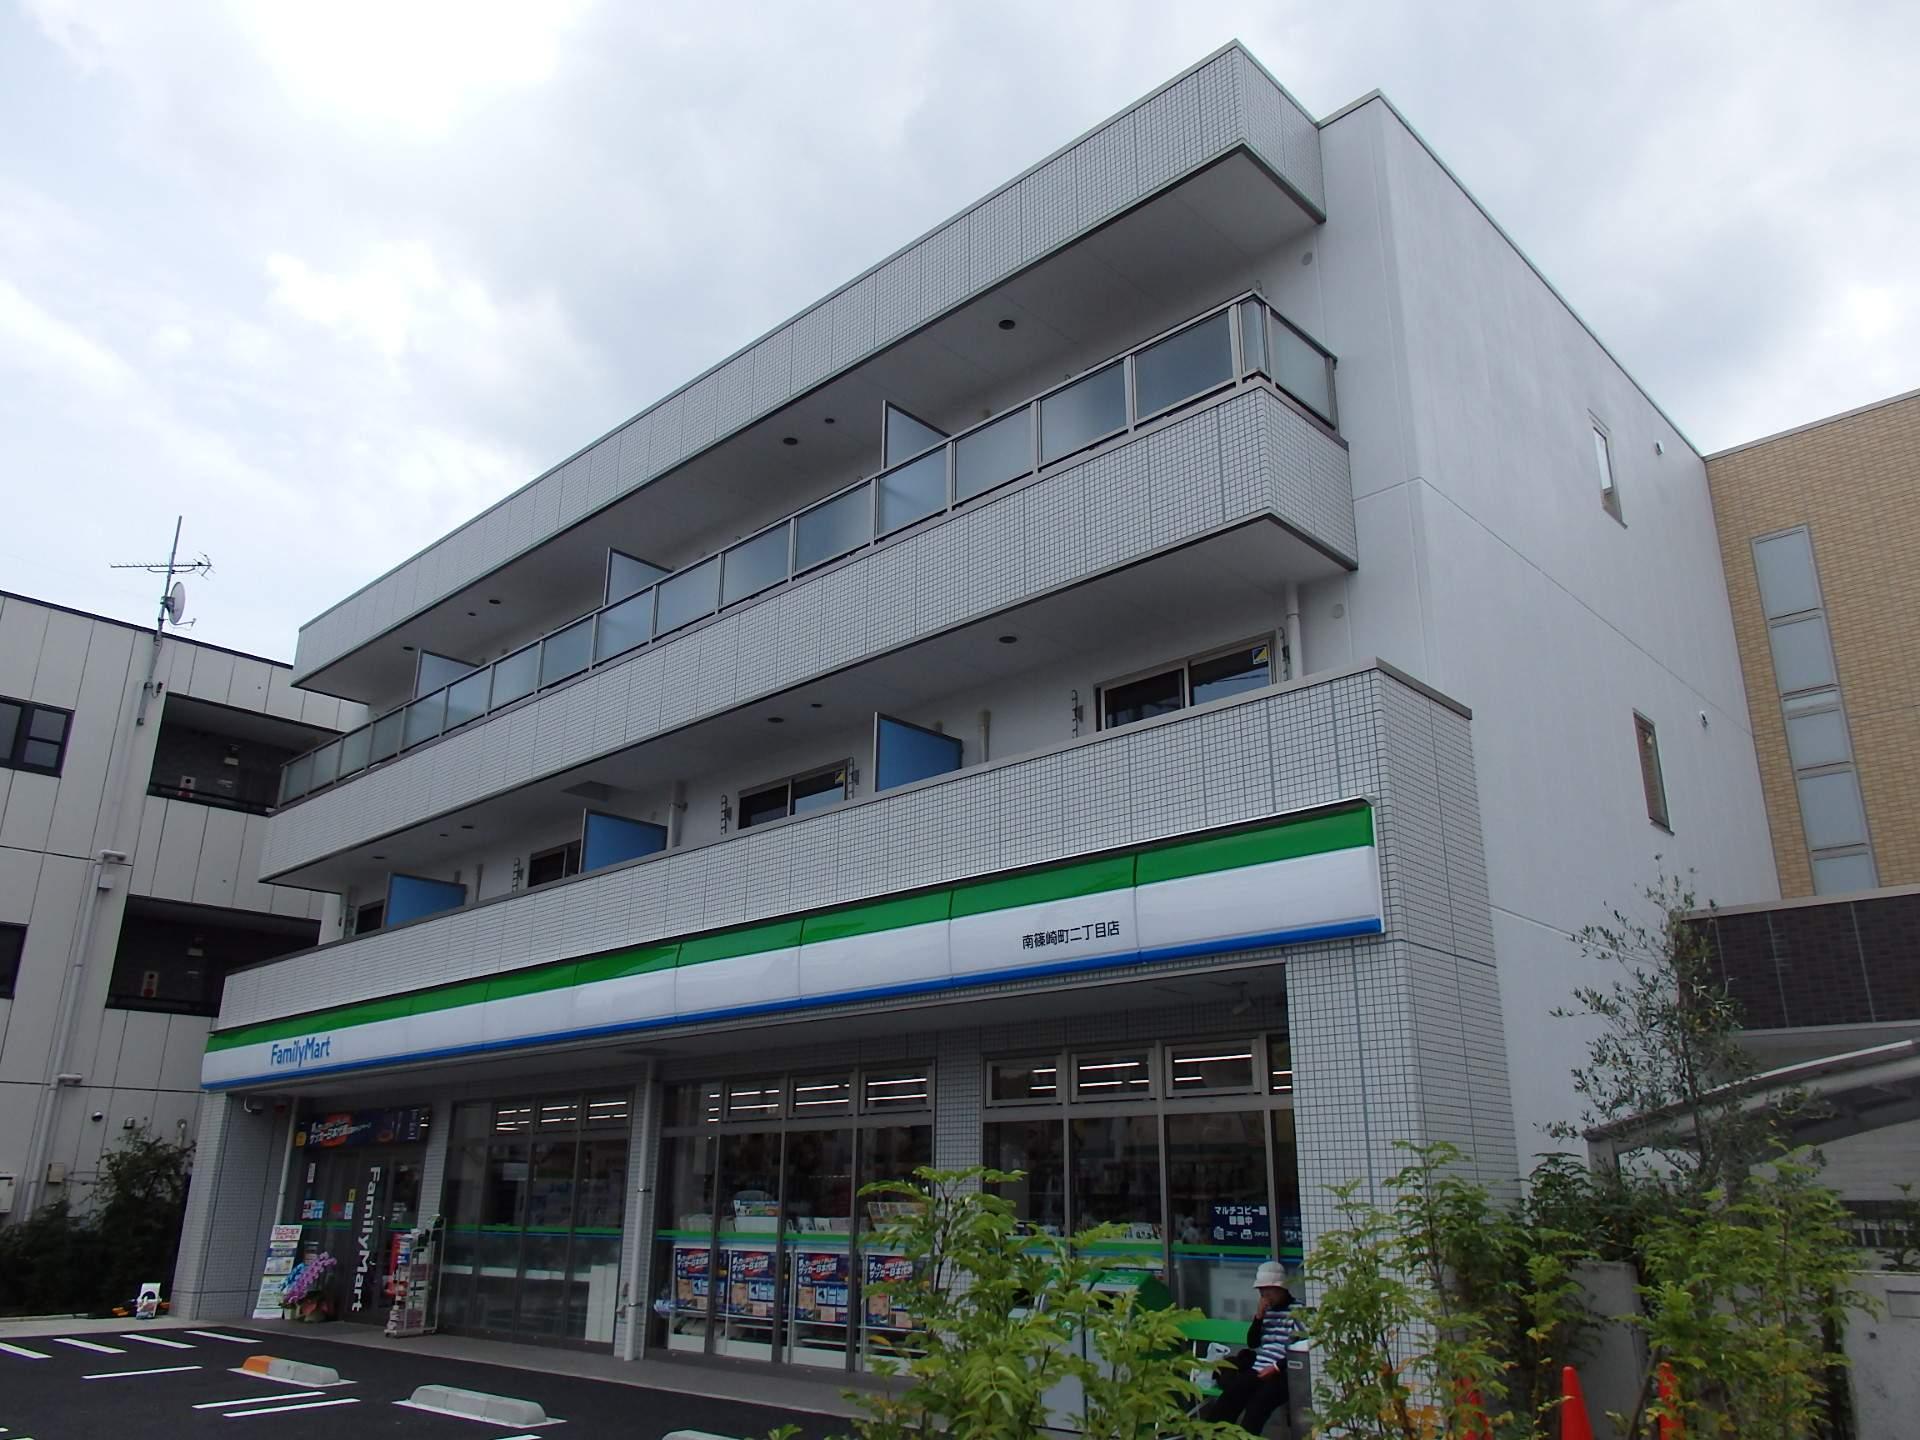 東京都江戸川区、一之江駅徒歩29分の築2年 3階建の賃貸マンション